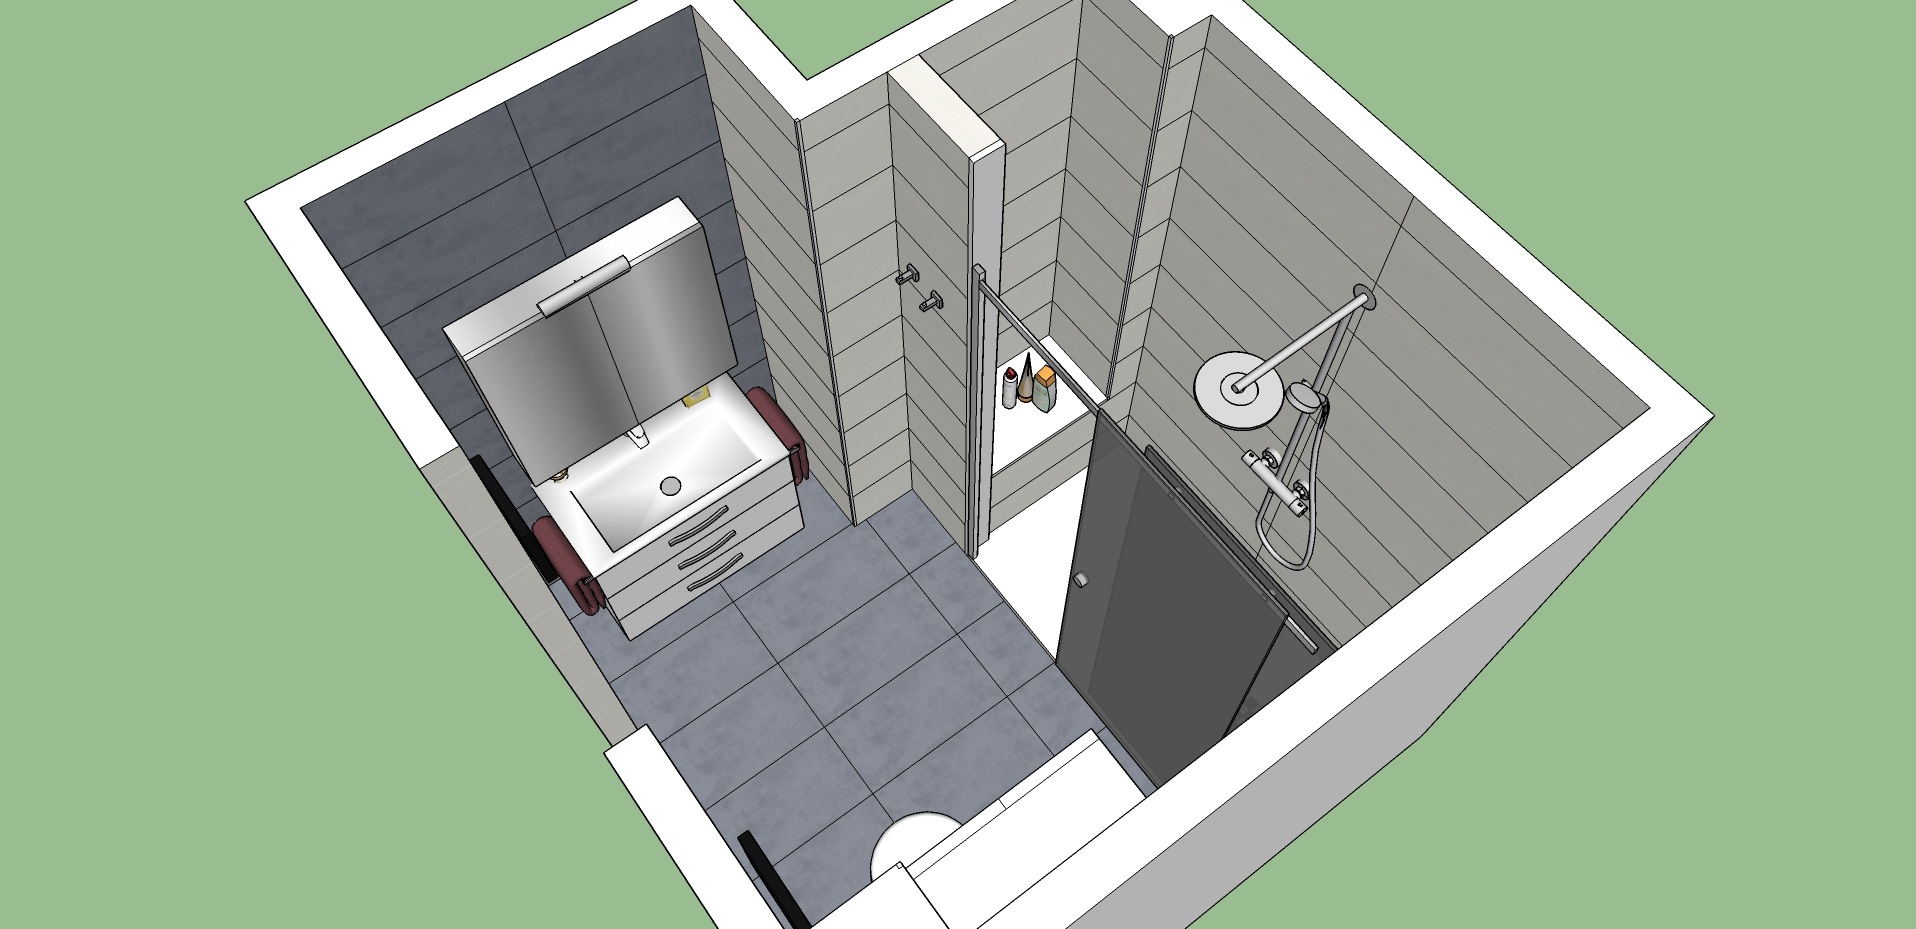 proyecto 3d-Baños-express-Baño-reforma-coruña-cambio bañera por plato de ducha-aseo-renovar-contratista-empresa-de-reformas-renueve su casa1